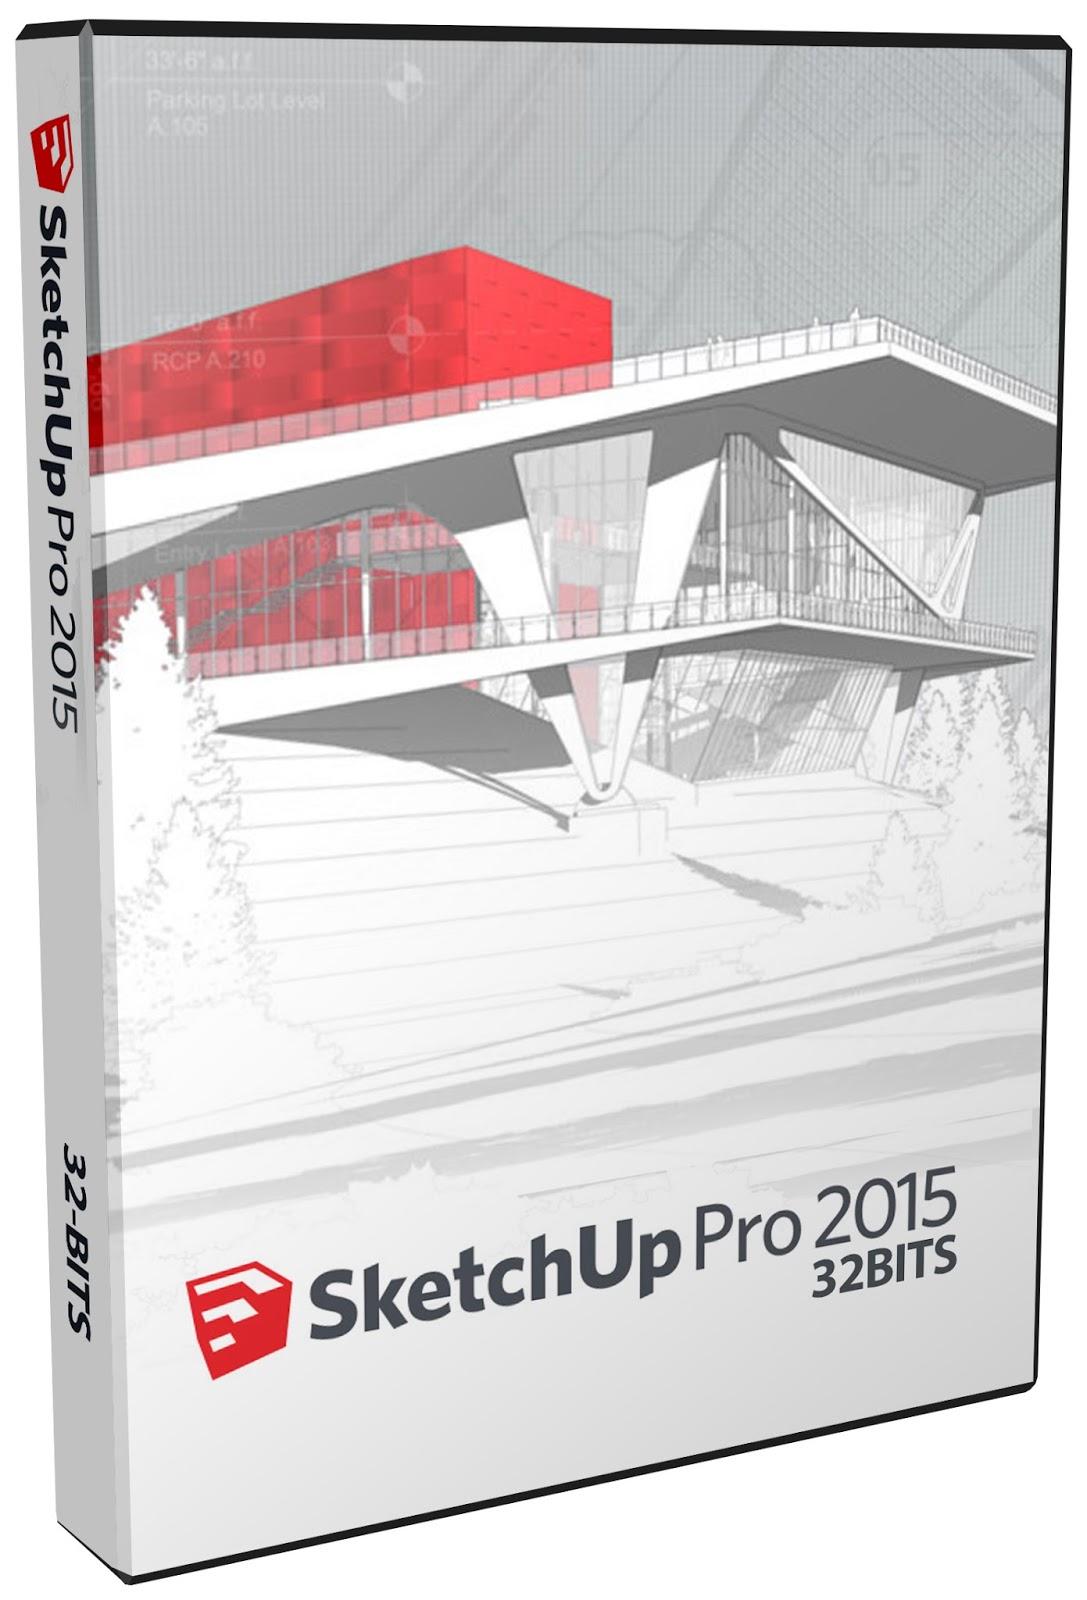 keygen sketchup 2015 pro